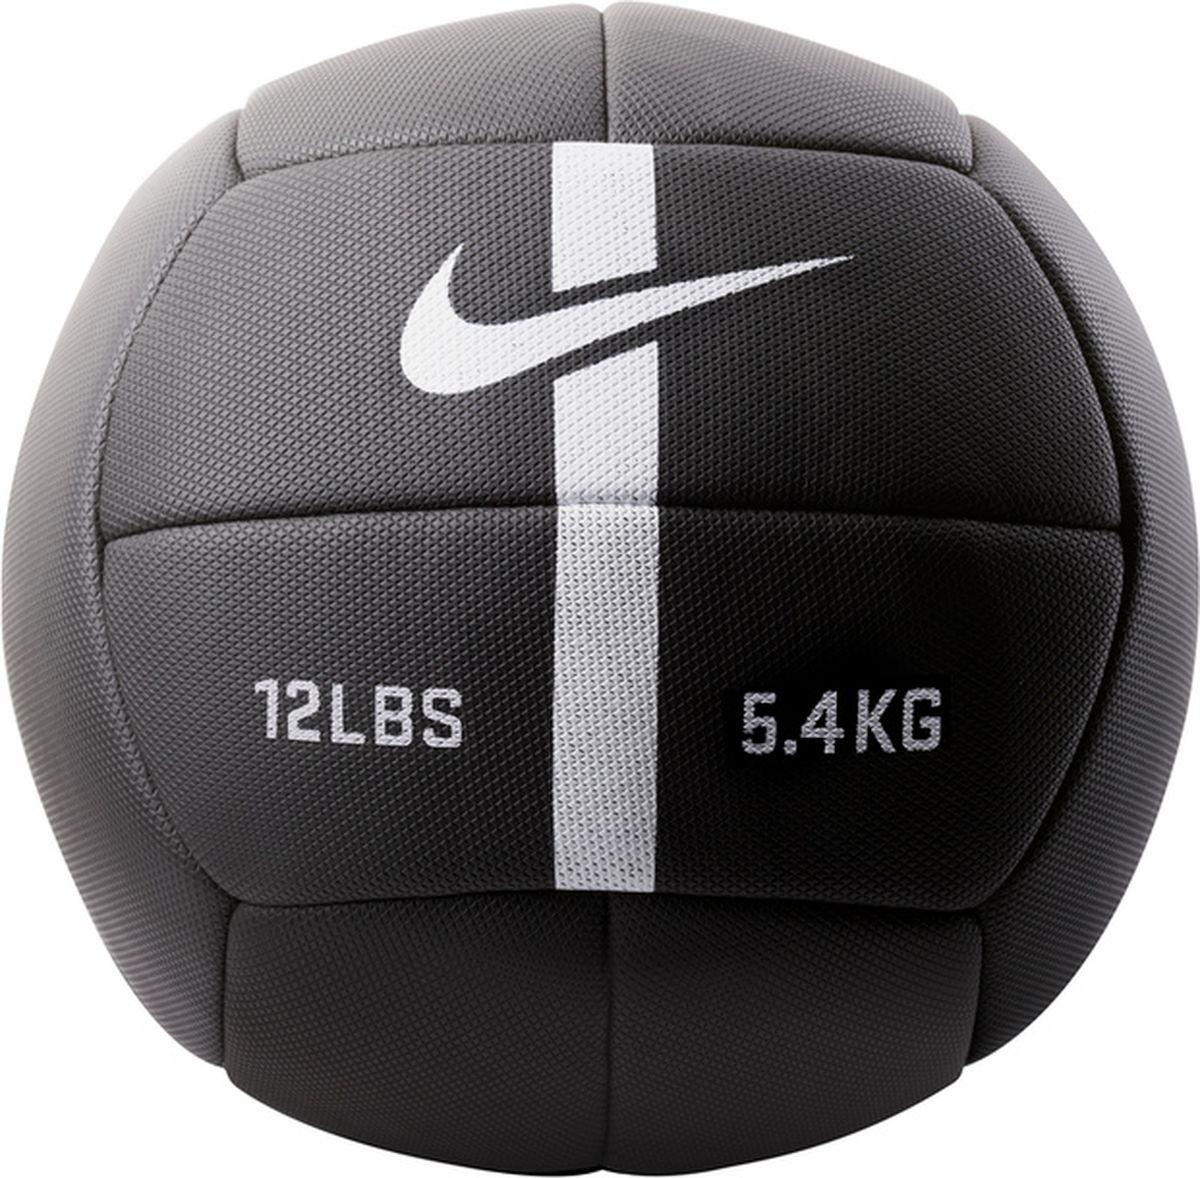 Сверхпрочное покрытие полиуретанового материала повышает сцепление, позволяет надежно контролировать мяч в руках во время тренировок. Развивает выносливость, силу, баланс, координацию и гибкость. Используется в функциональном тренинге. Идеален для упражнений на верхнюю и нижнюю части туловища.